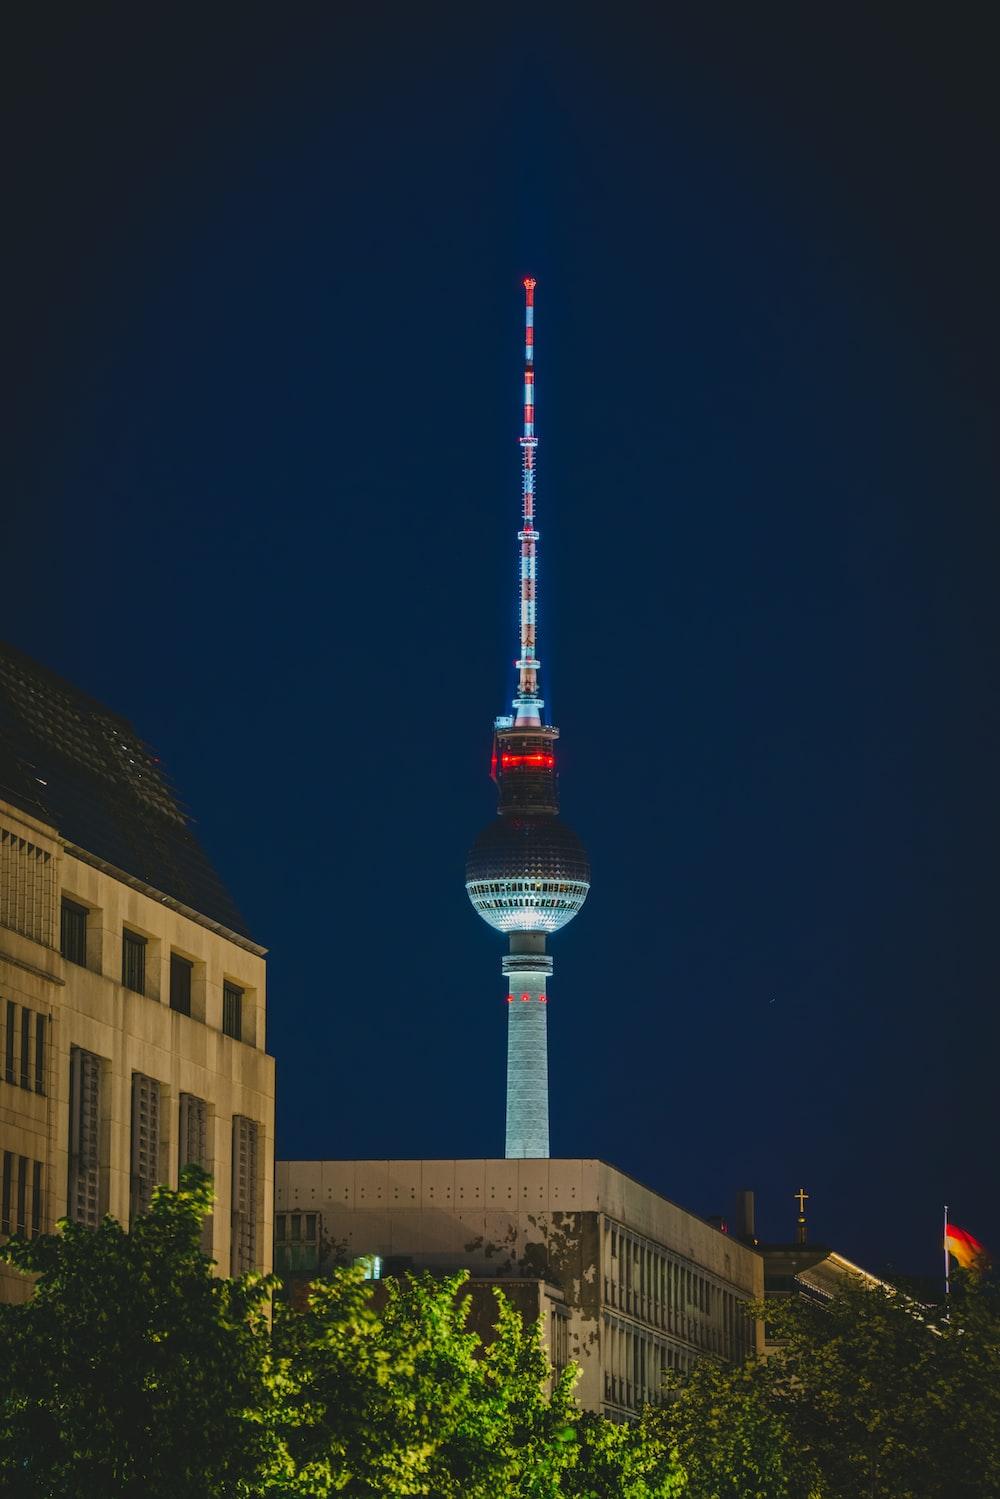 gray tower at night